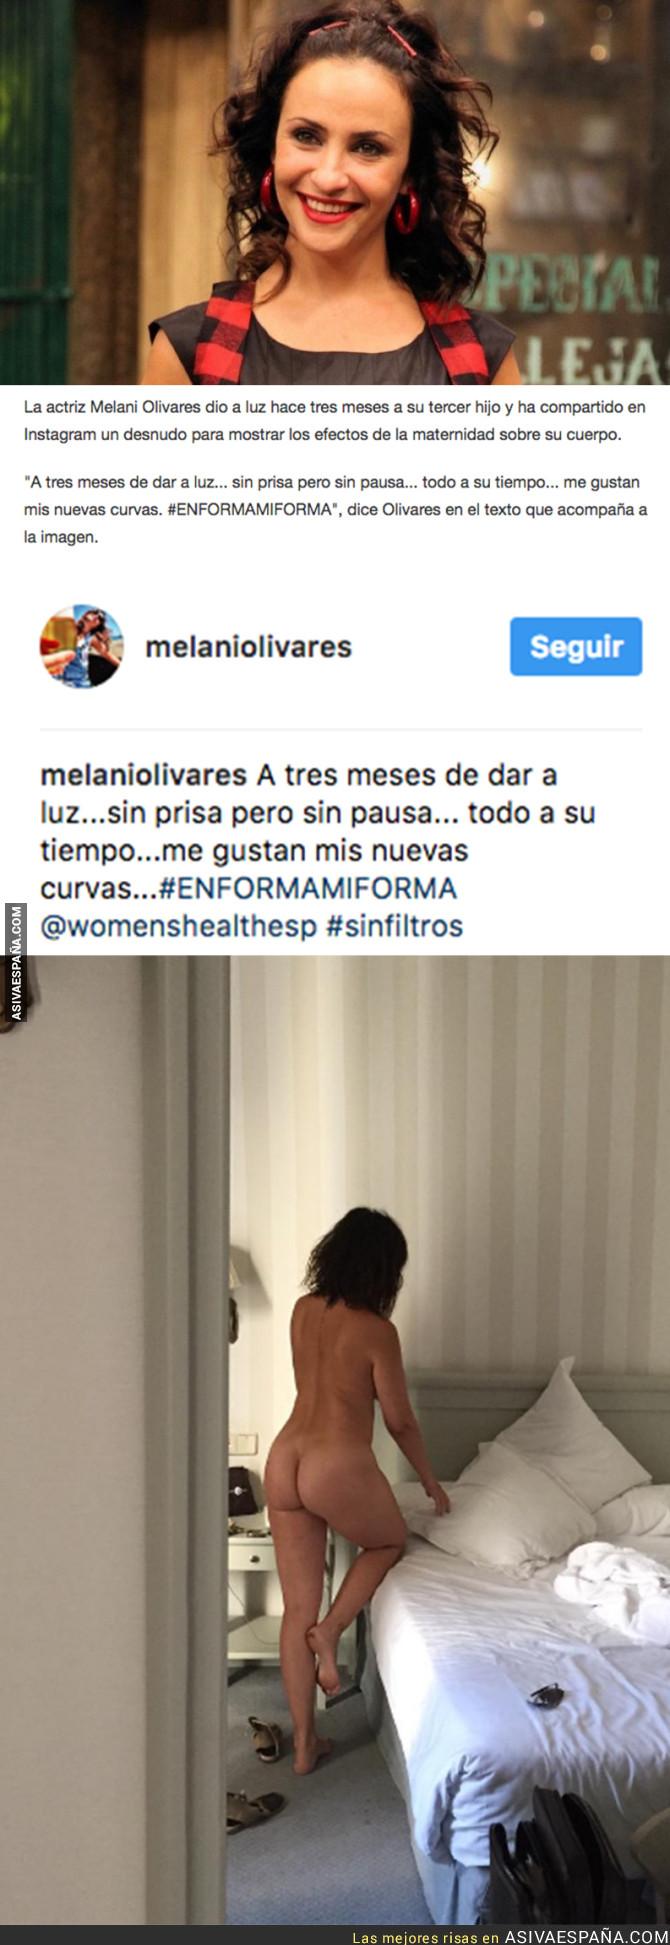 72623 - La actriz Melanie Olivares sorprende en Instagram posando totalmente desnuda tras ser madre